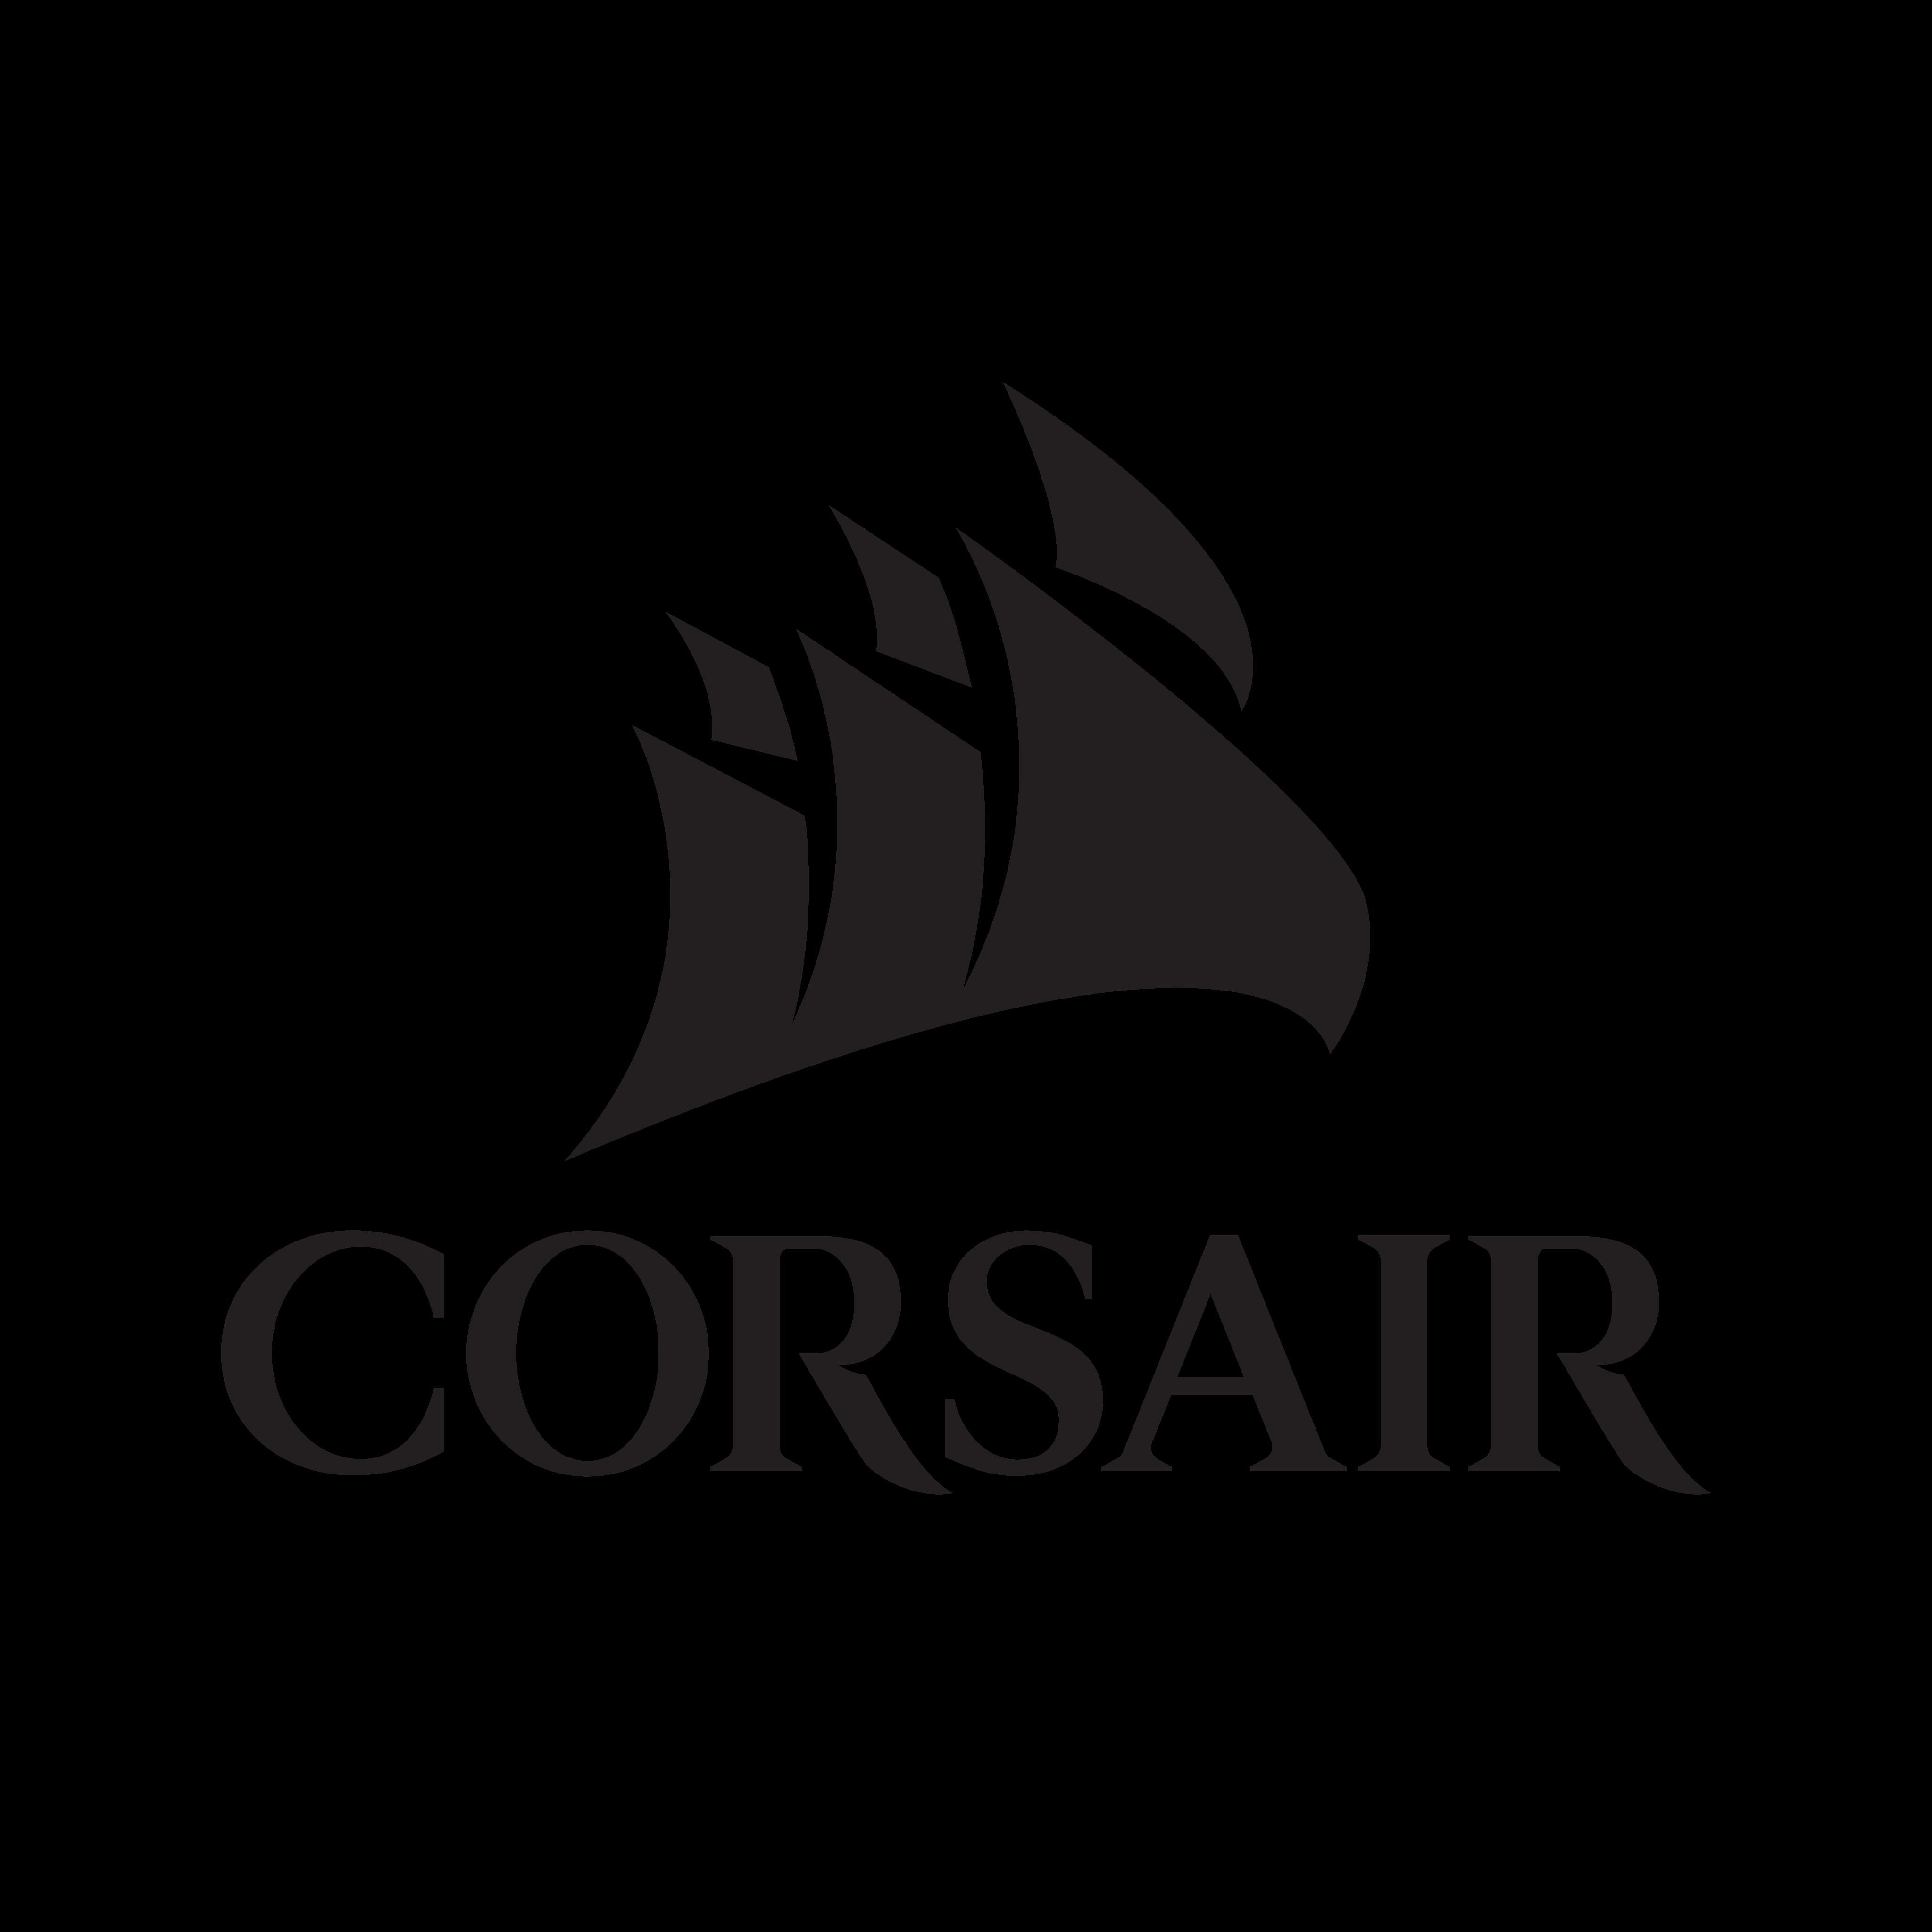 corsair logo 0 - Corsair Logo